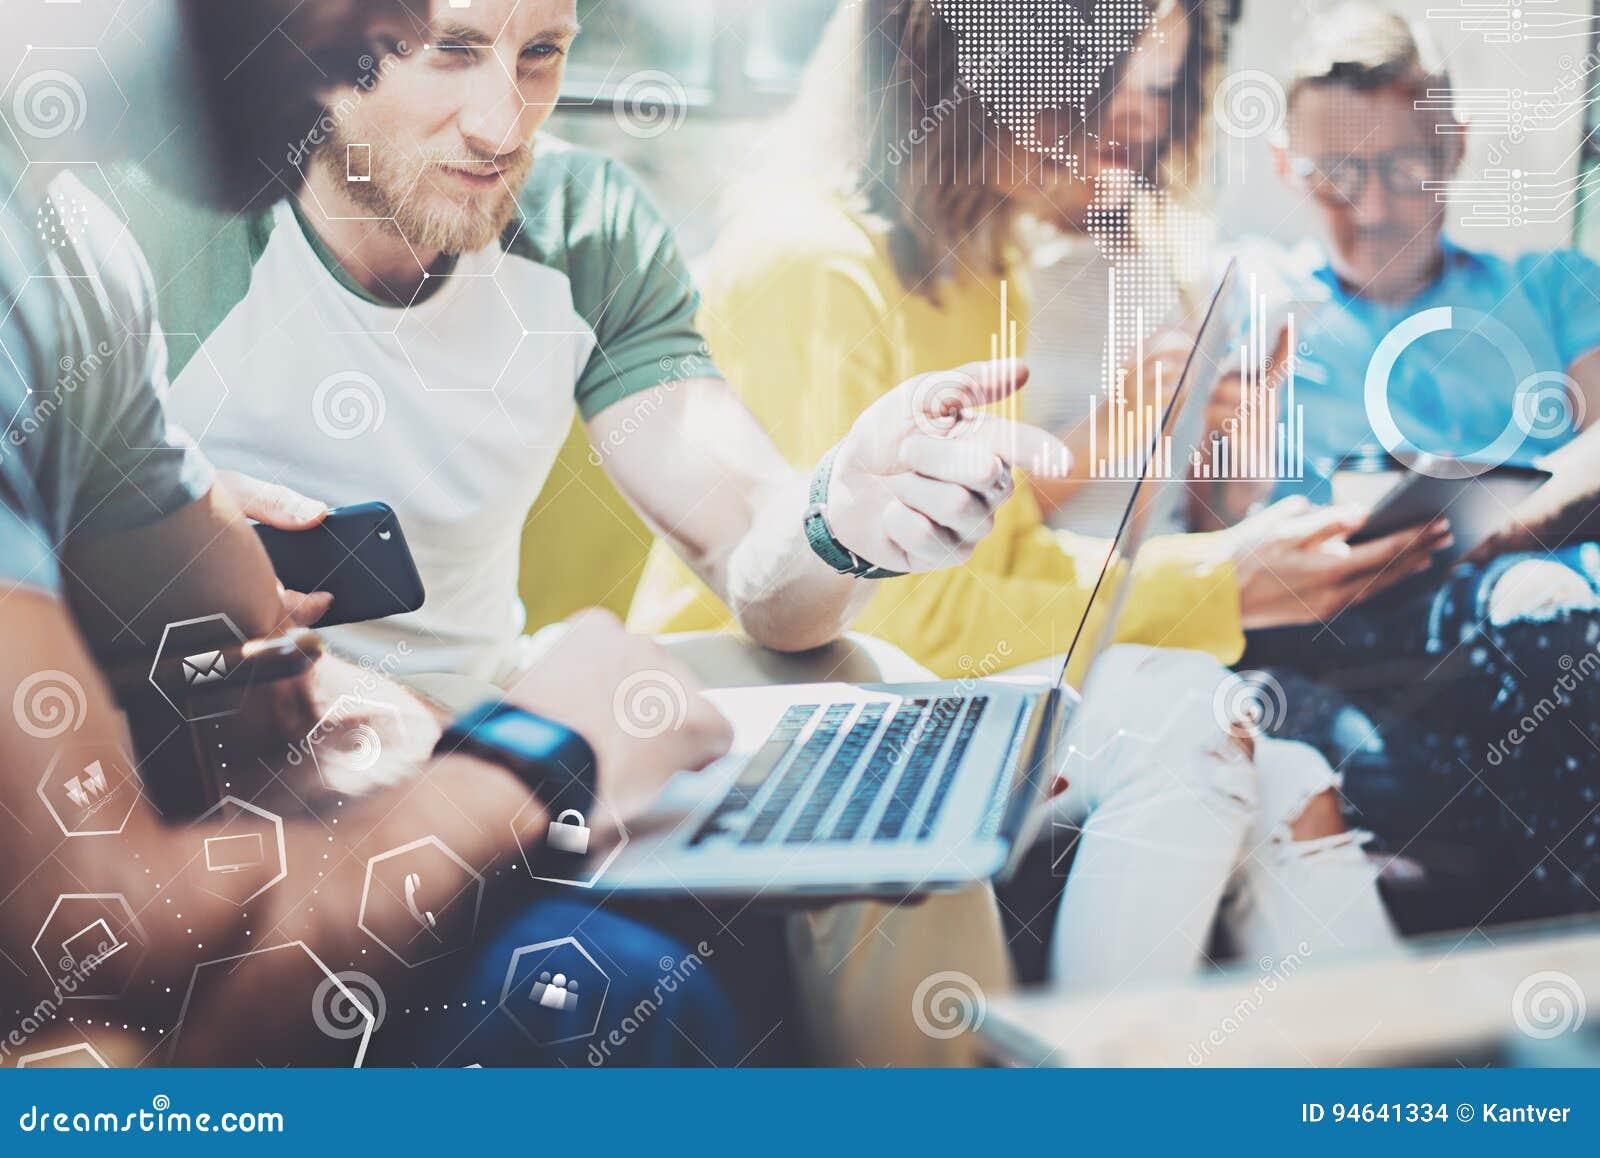 Jonge ondernemersmensen die op modern kantoor werken Concept digitaal diagram, grafiekinterfaces, het virtuele scherm